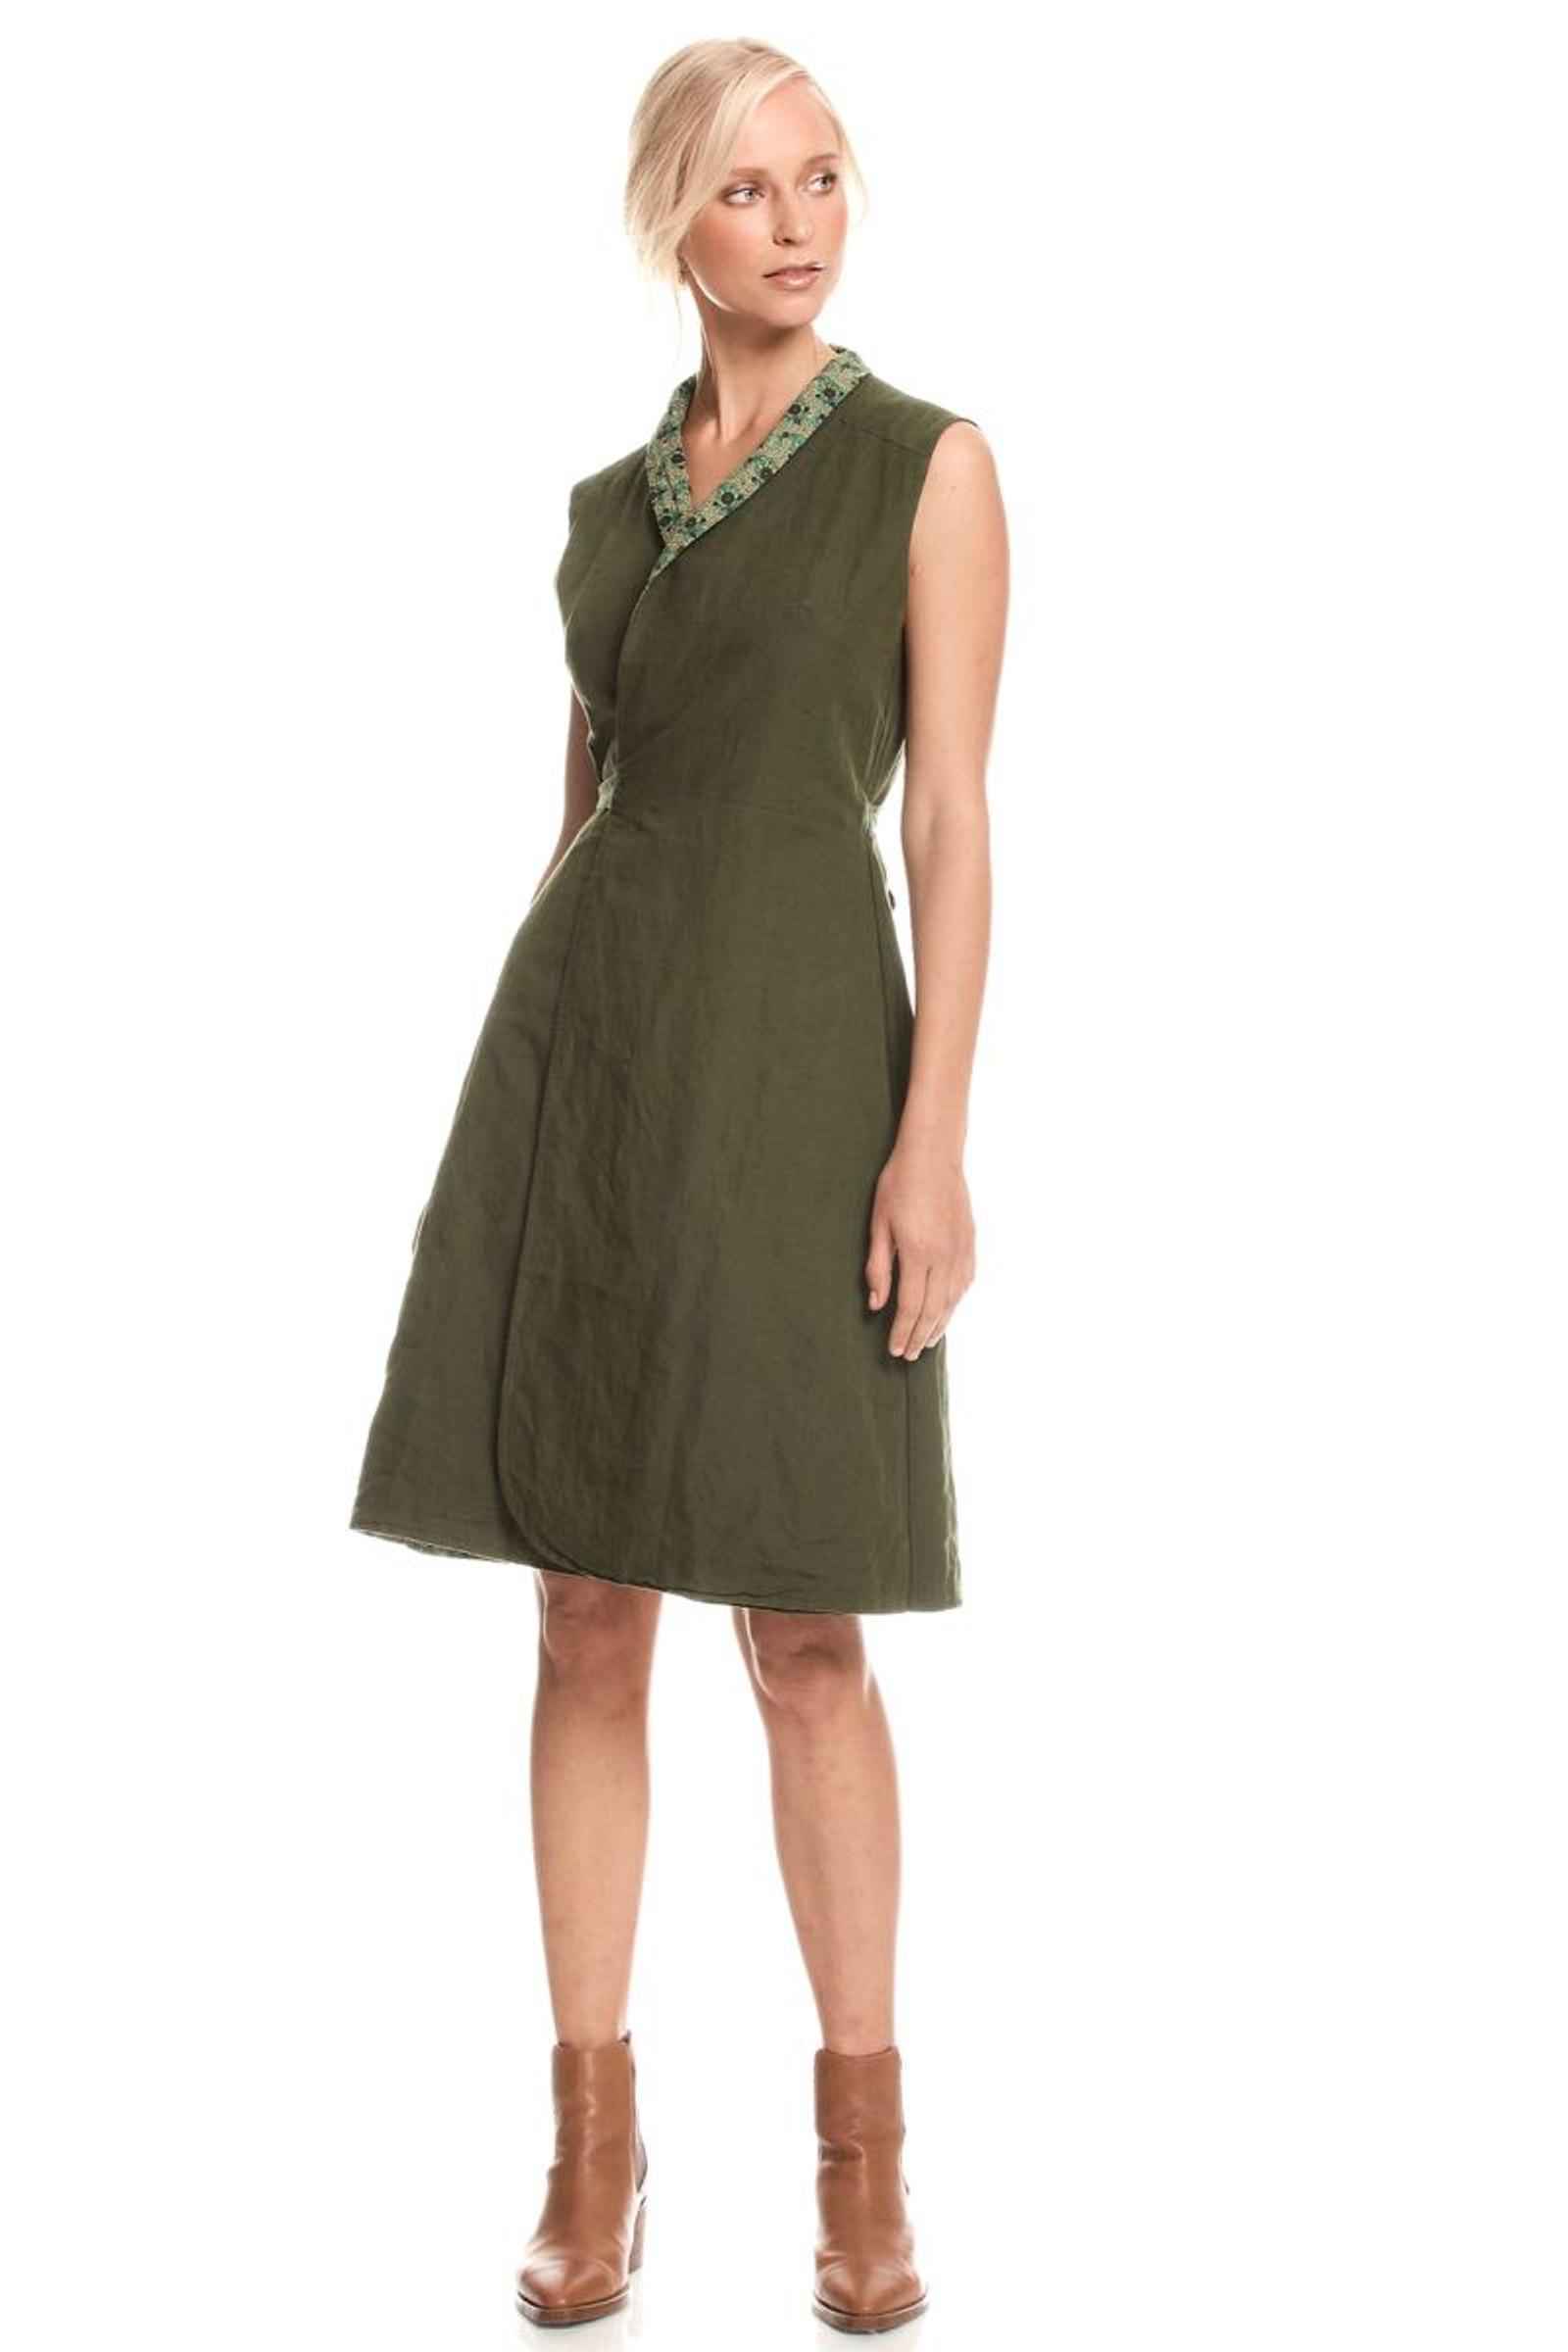 Rhianna Reversible Dress - Clover Jade & Moss